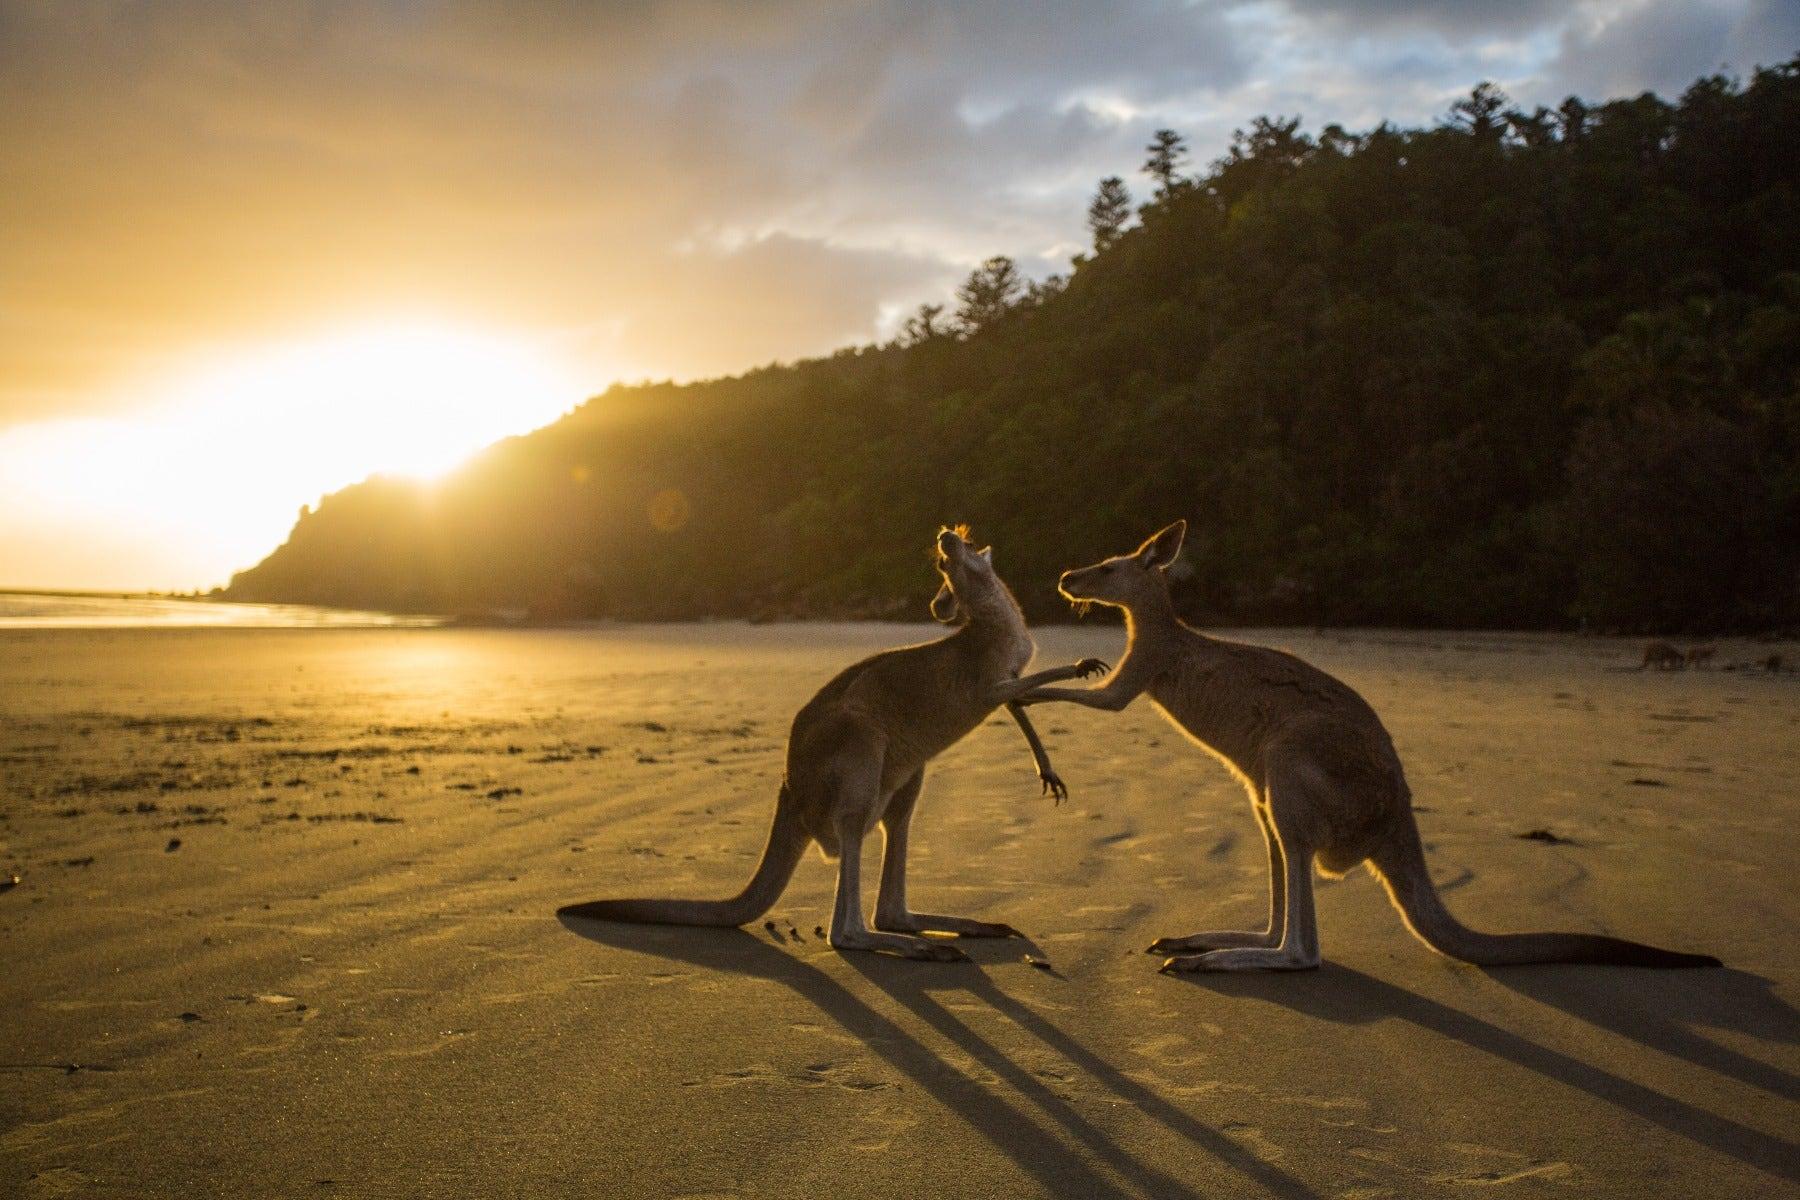 Kangaroos on the beach at sunset